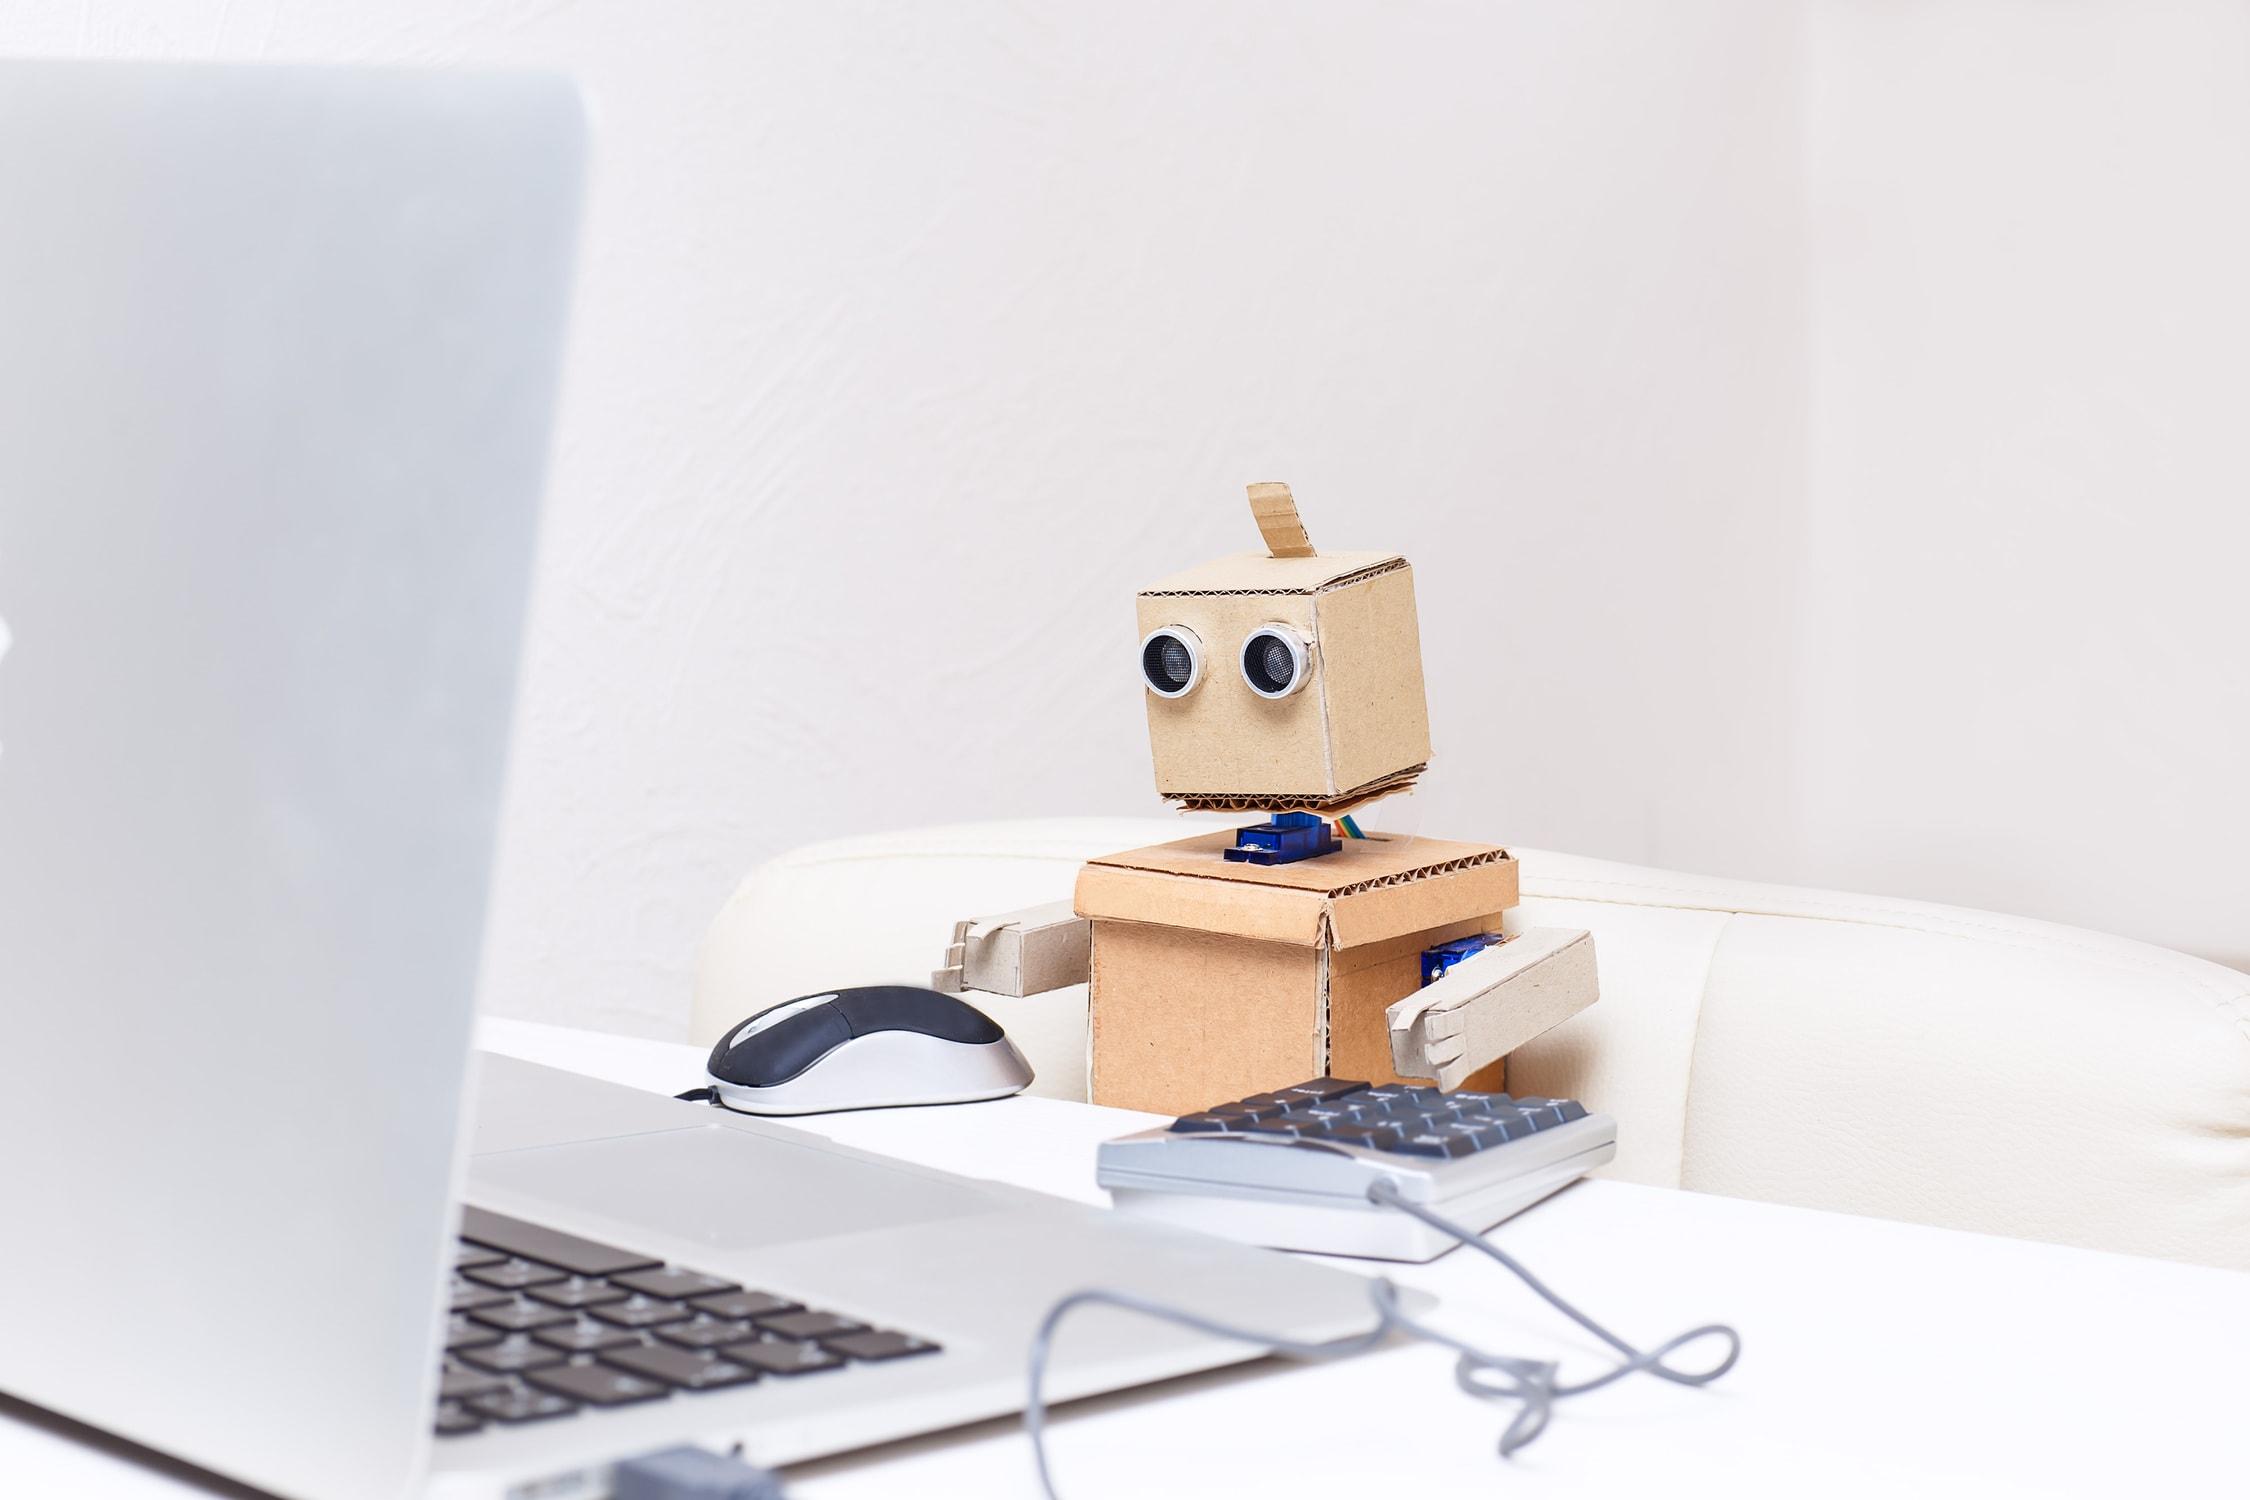 Was macht man als Machine Learning Engineer? Symbolbild mit Roboter vor Laptop